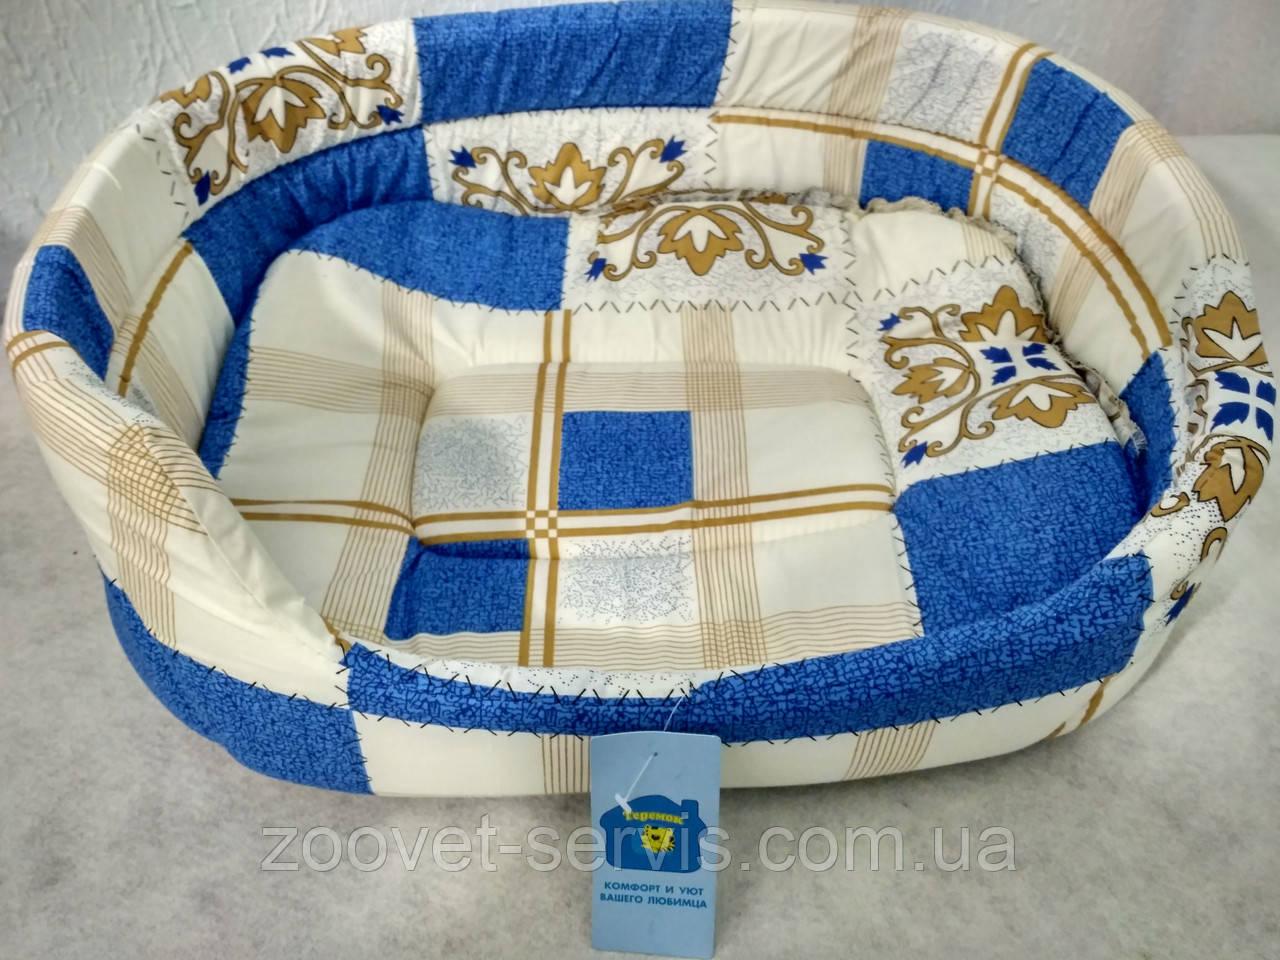 Лежанка овальная для собак и кошекКоллар№2 45х34х14см Д 242